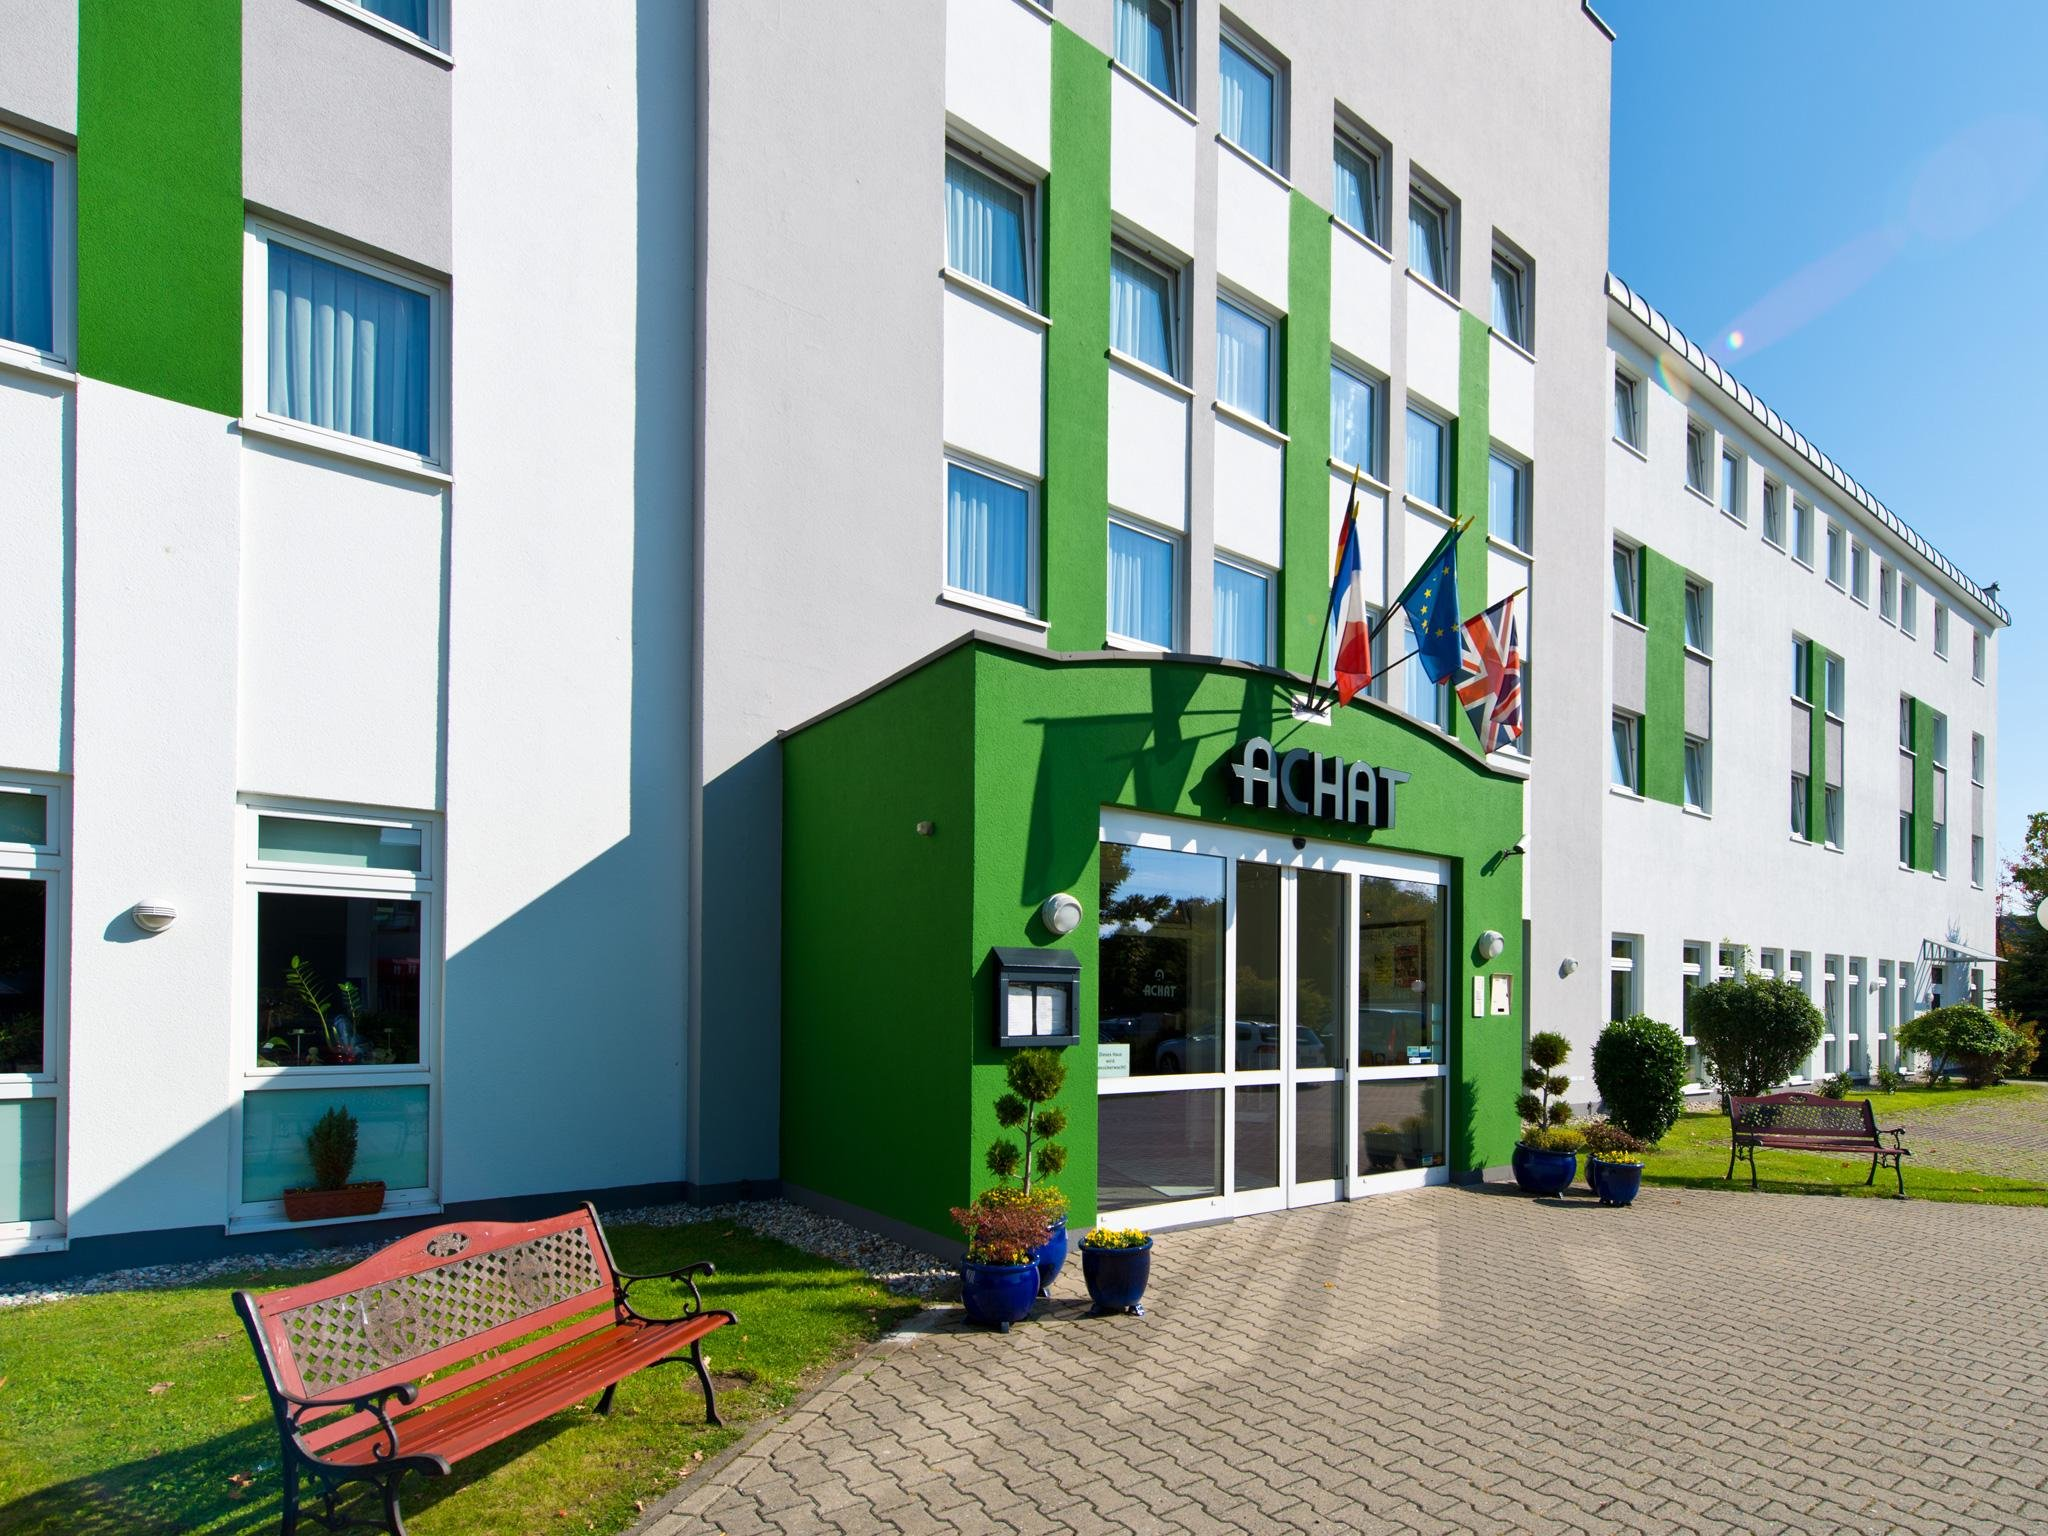 ACHAT Hotel Monheim am Rhein - Nordrhein-Westfalen, Deutschland (Kurzreise)